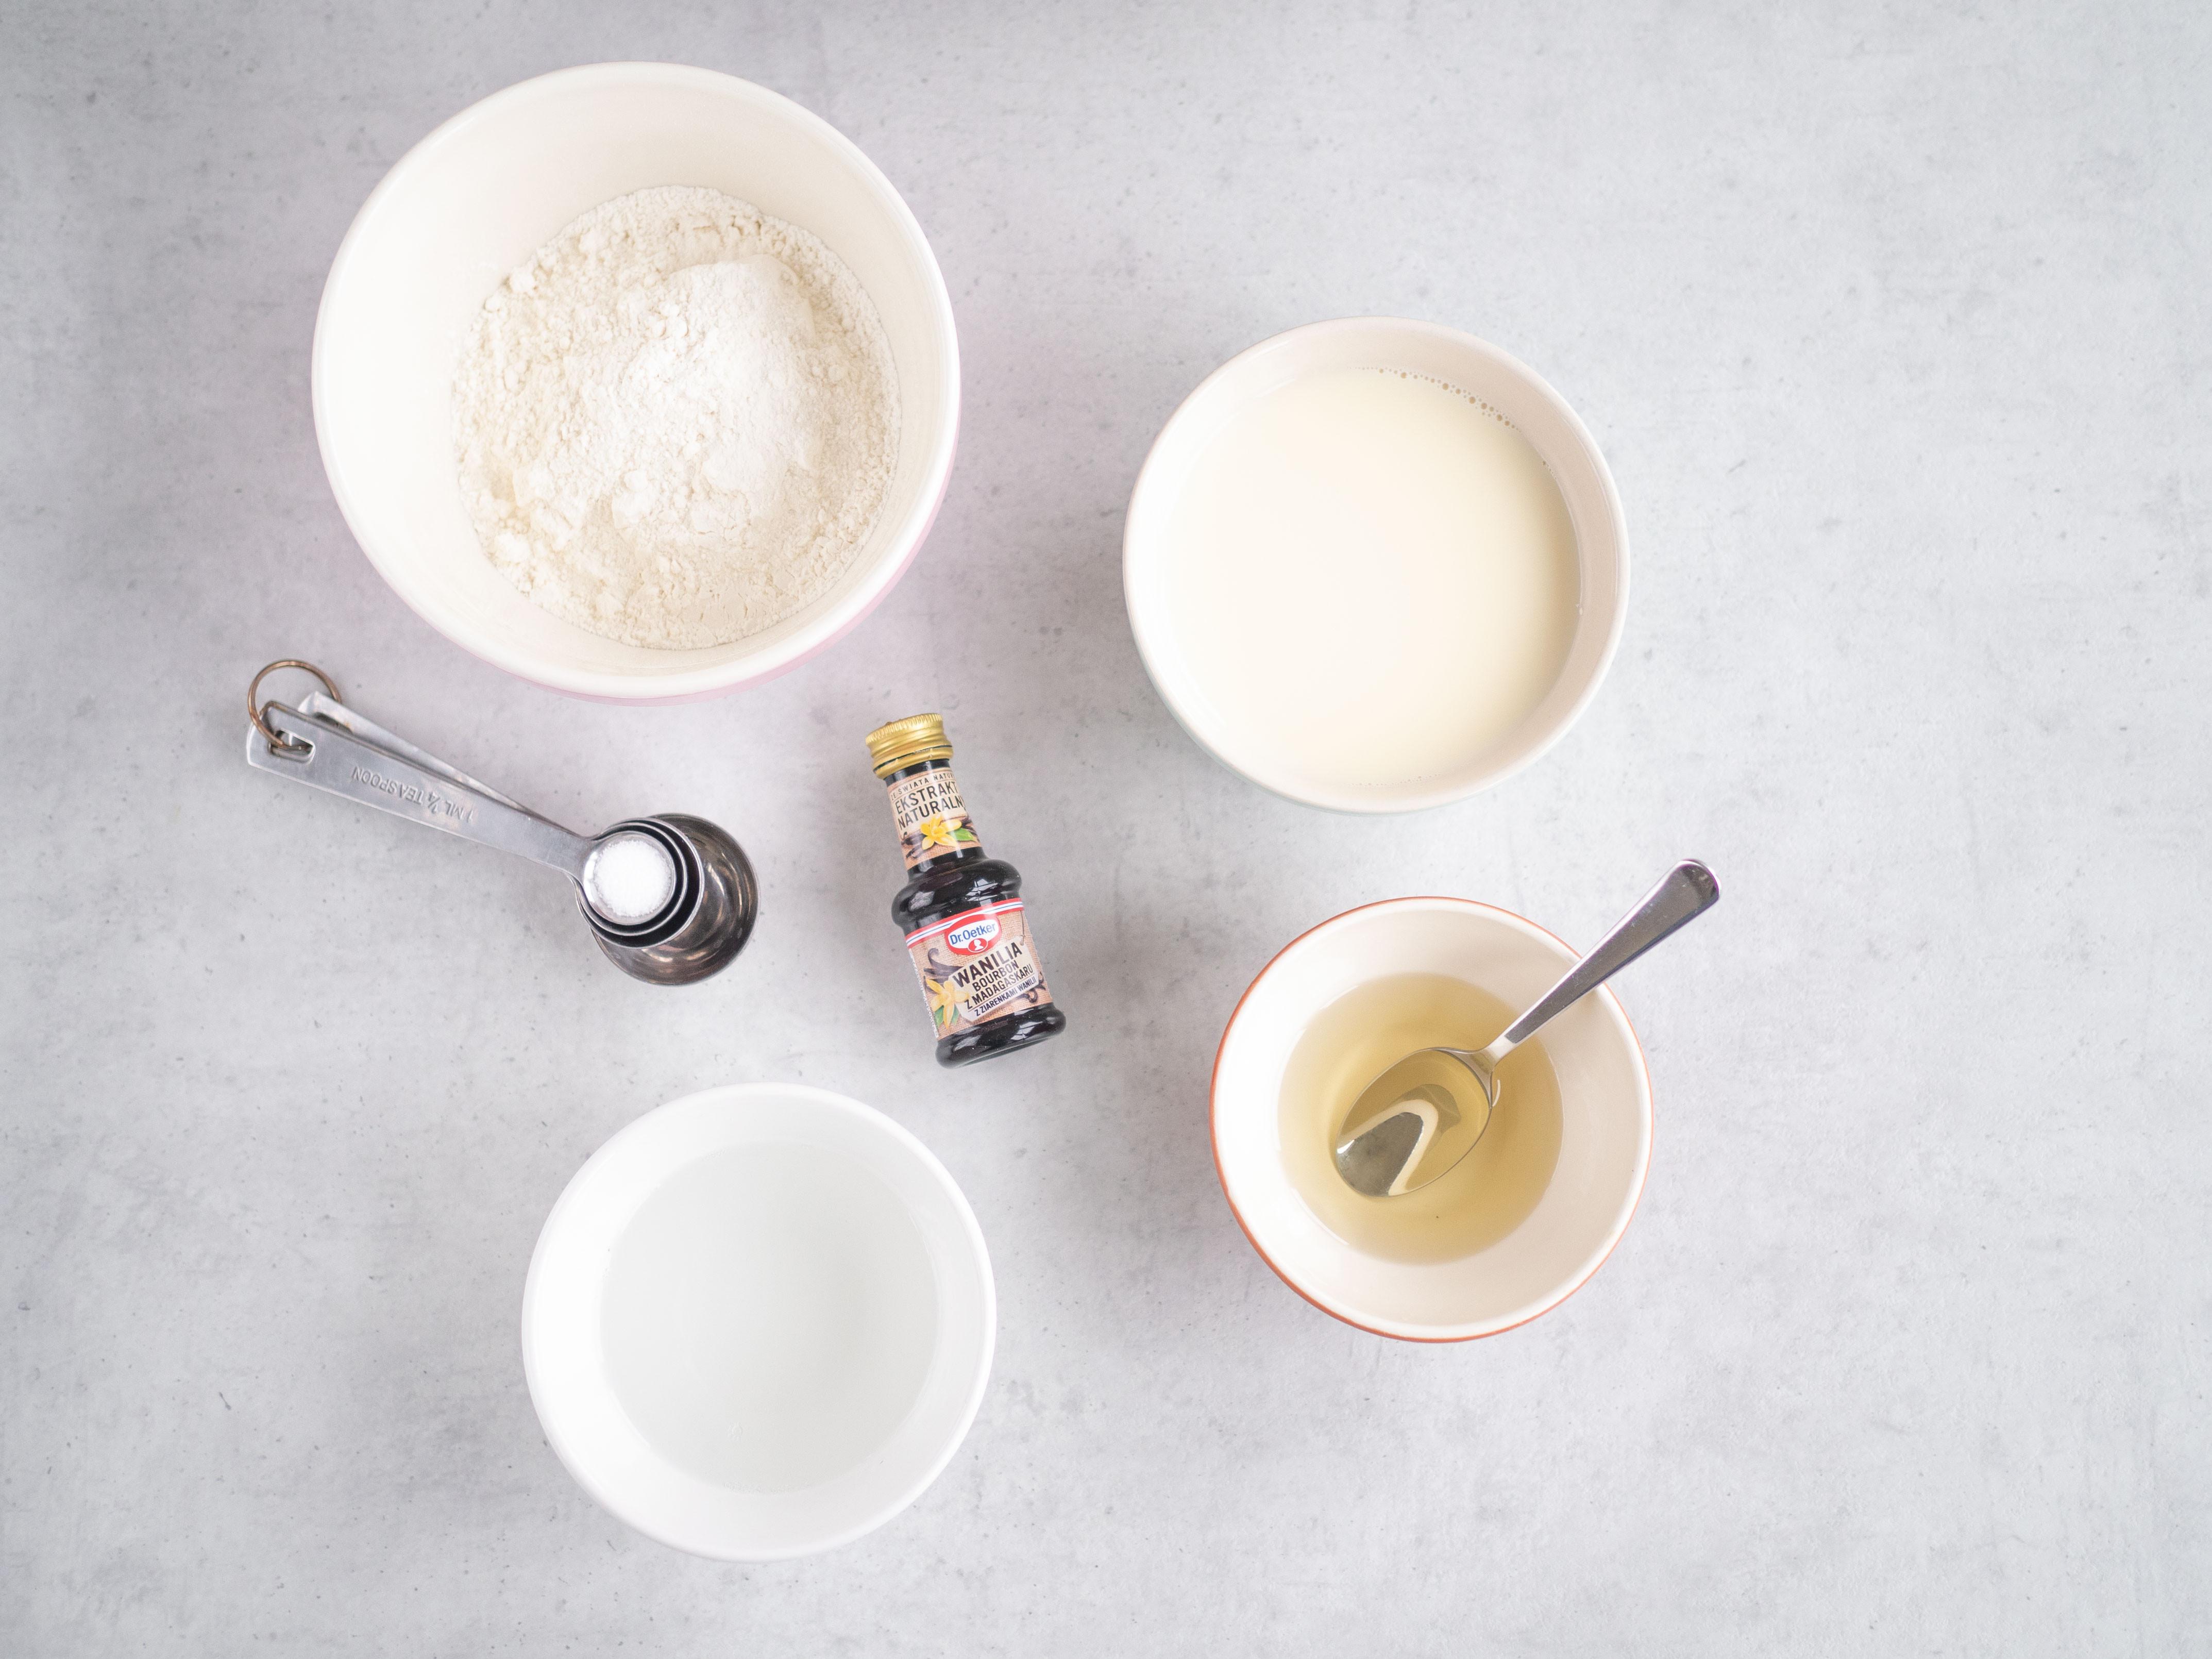 Olej kokosowy, mąka pszenna, sól, mleko sojowe i woda w osobnych miseczkach. Obok ekstrakt waniliowy.